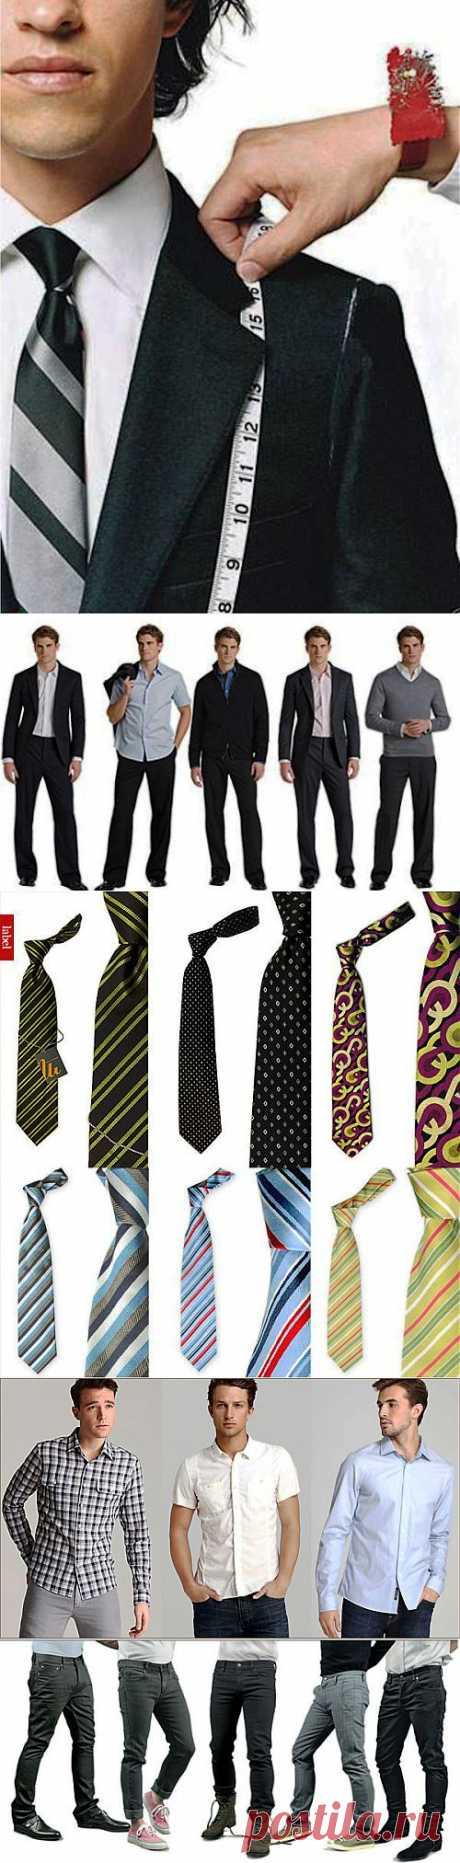 Базовый гардероб для мужчины.